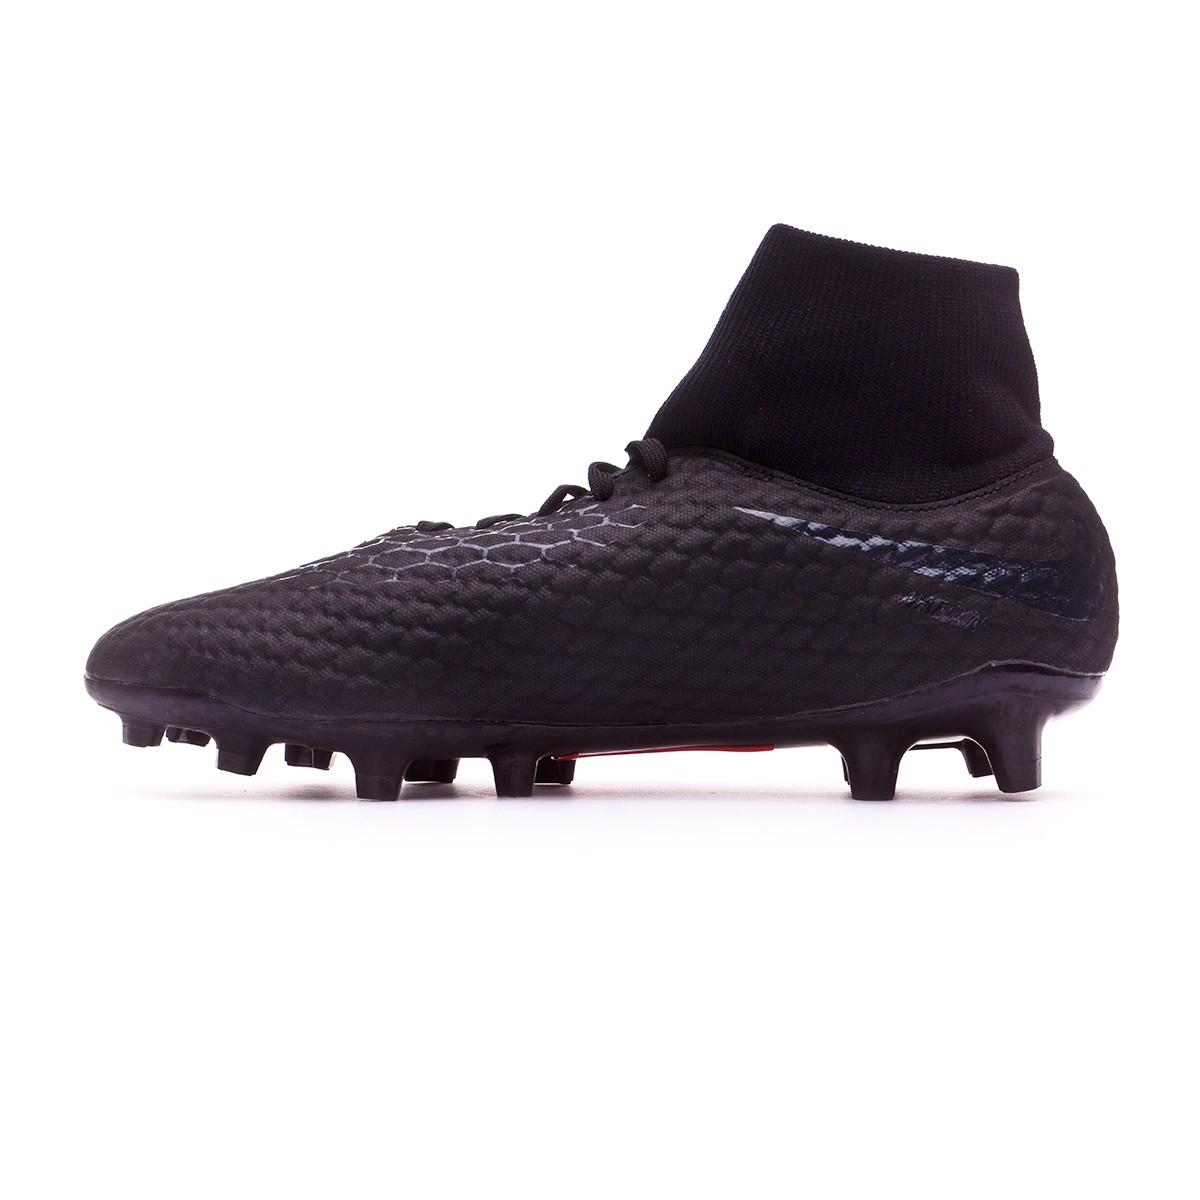 online retailer 74da0 46e1a Chaussure de foot Nike Hypervenom Phantom III Academy DF FG Black -  Boutique de football Fútbol Emotion